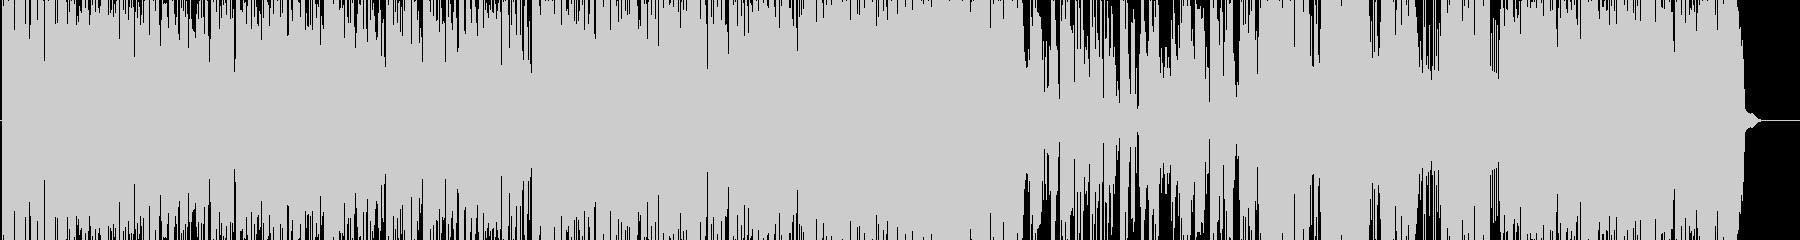 チャーリー・パーカーのピアノトリオの未再生の波形